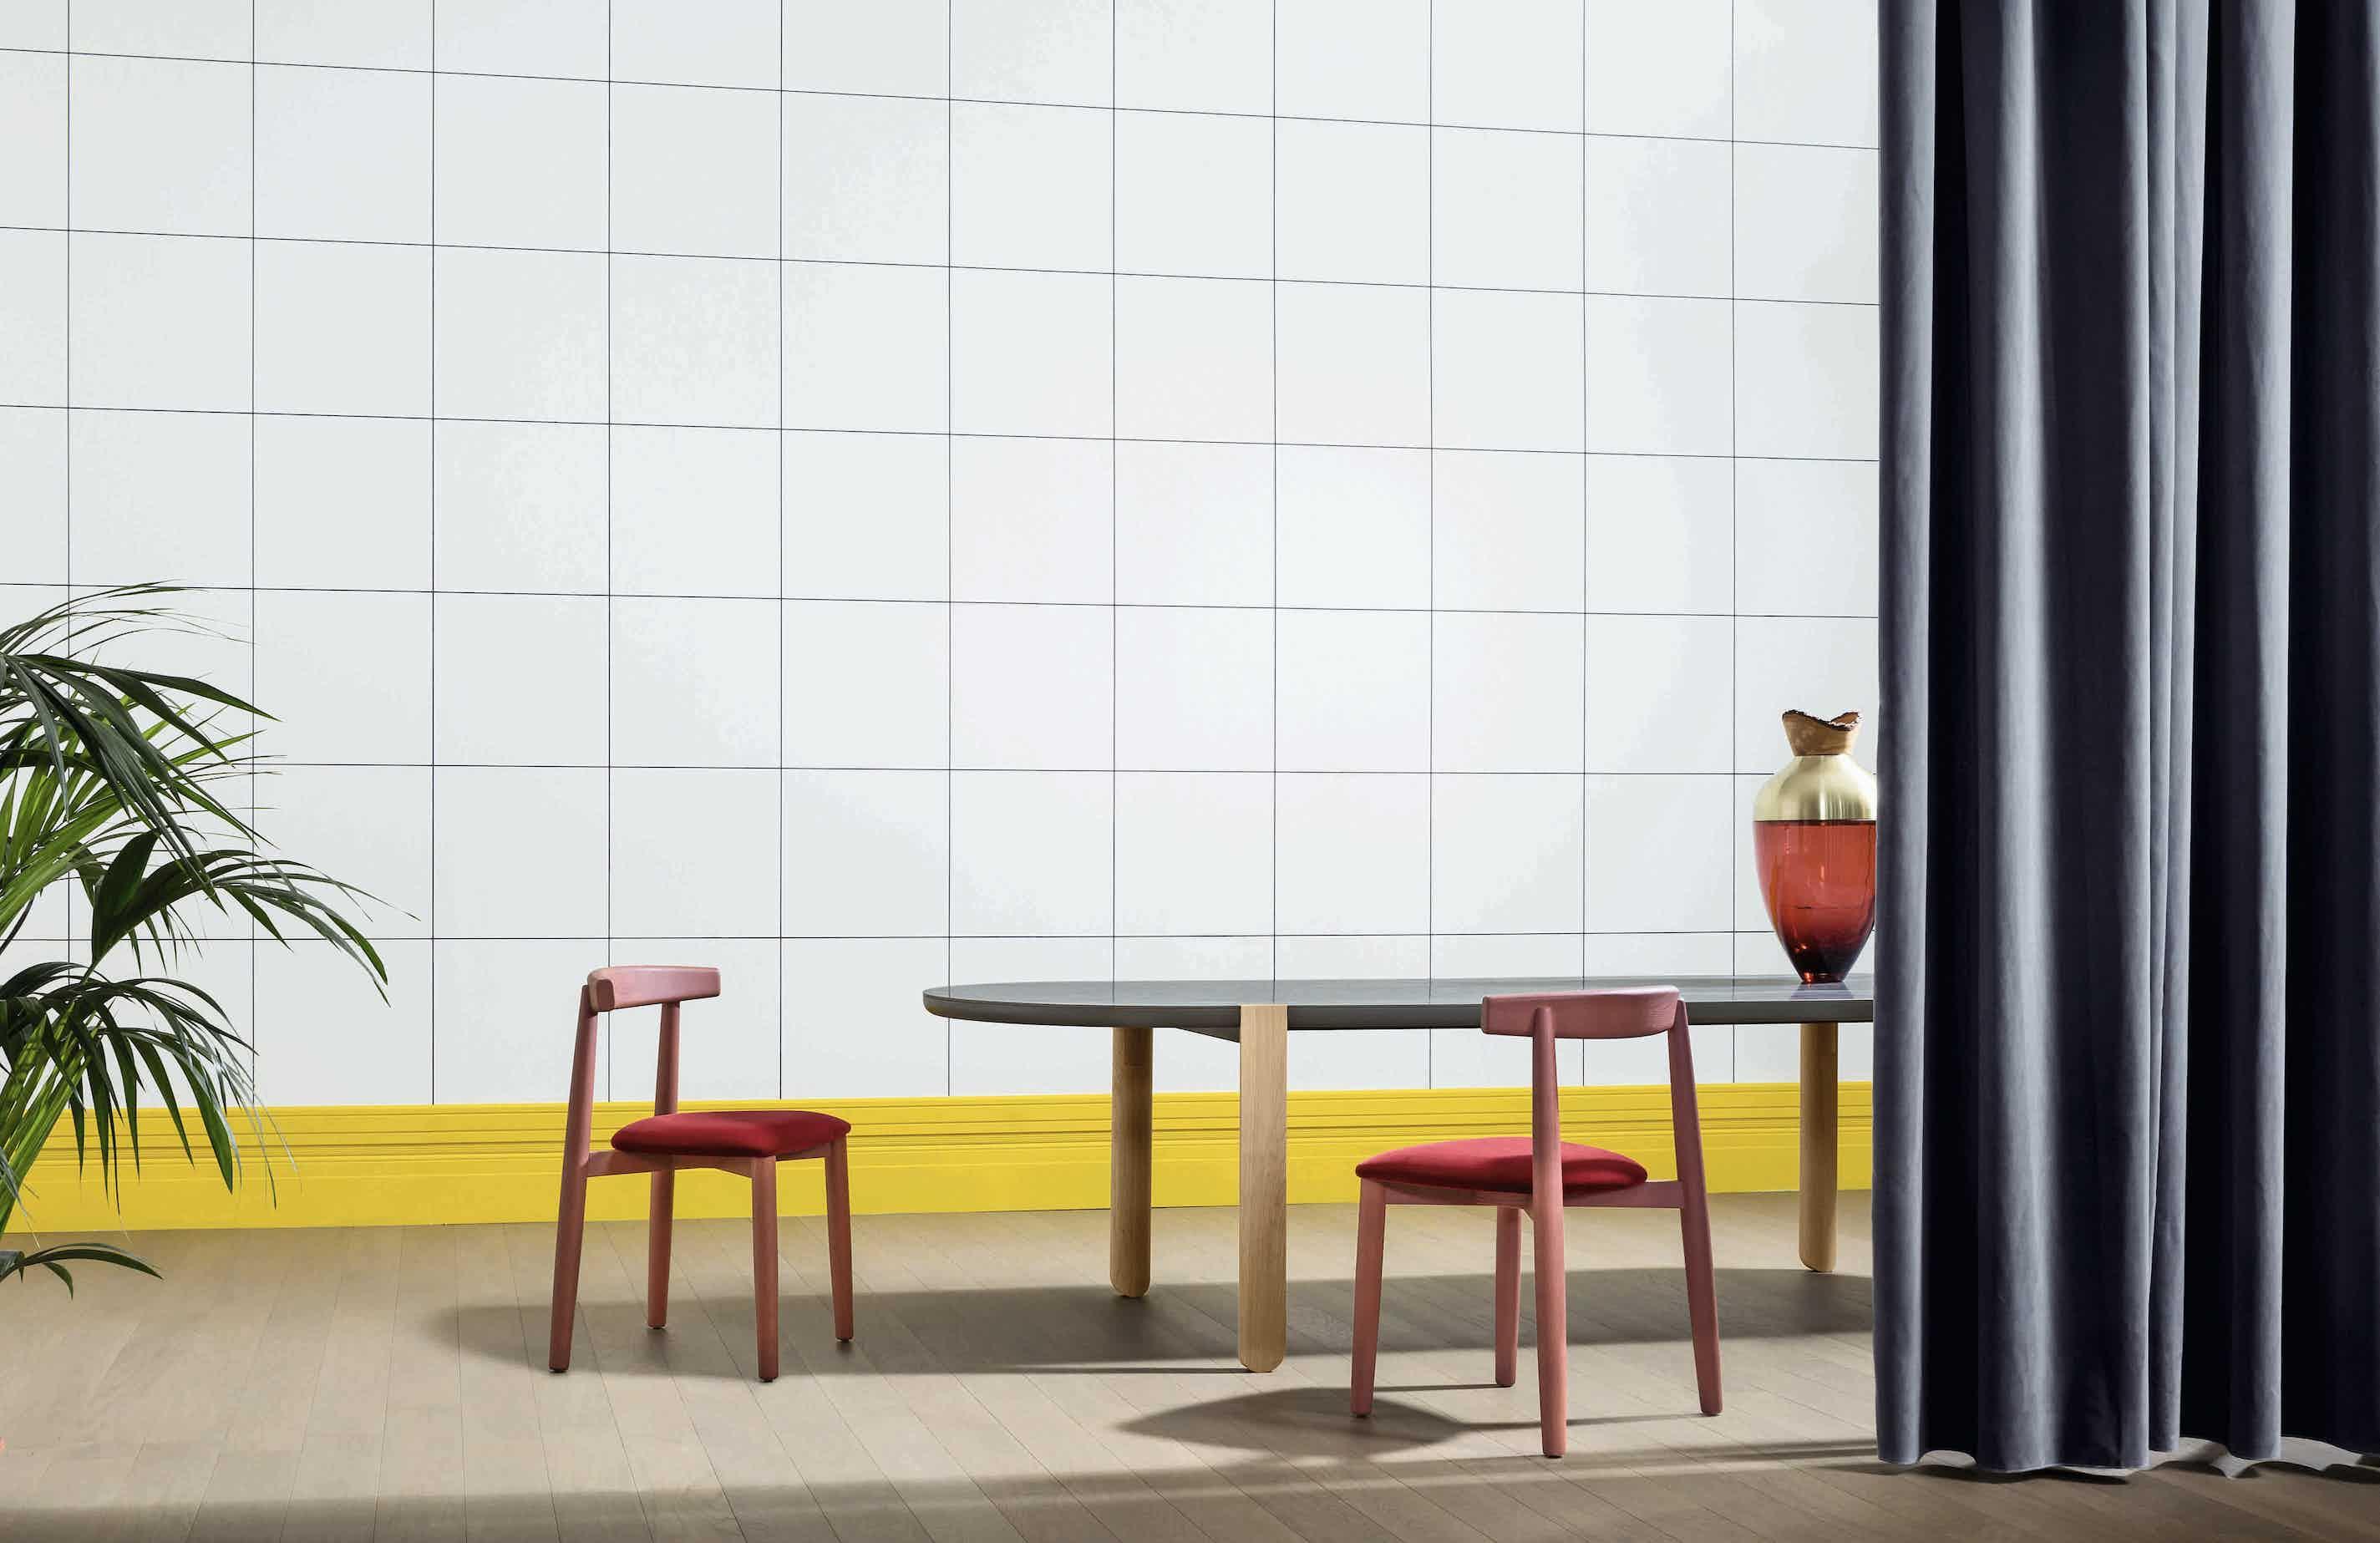 Miniforms claretta bold red insitu haute living